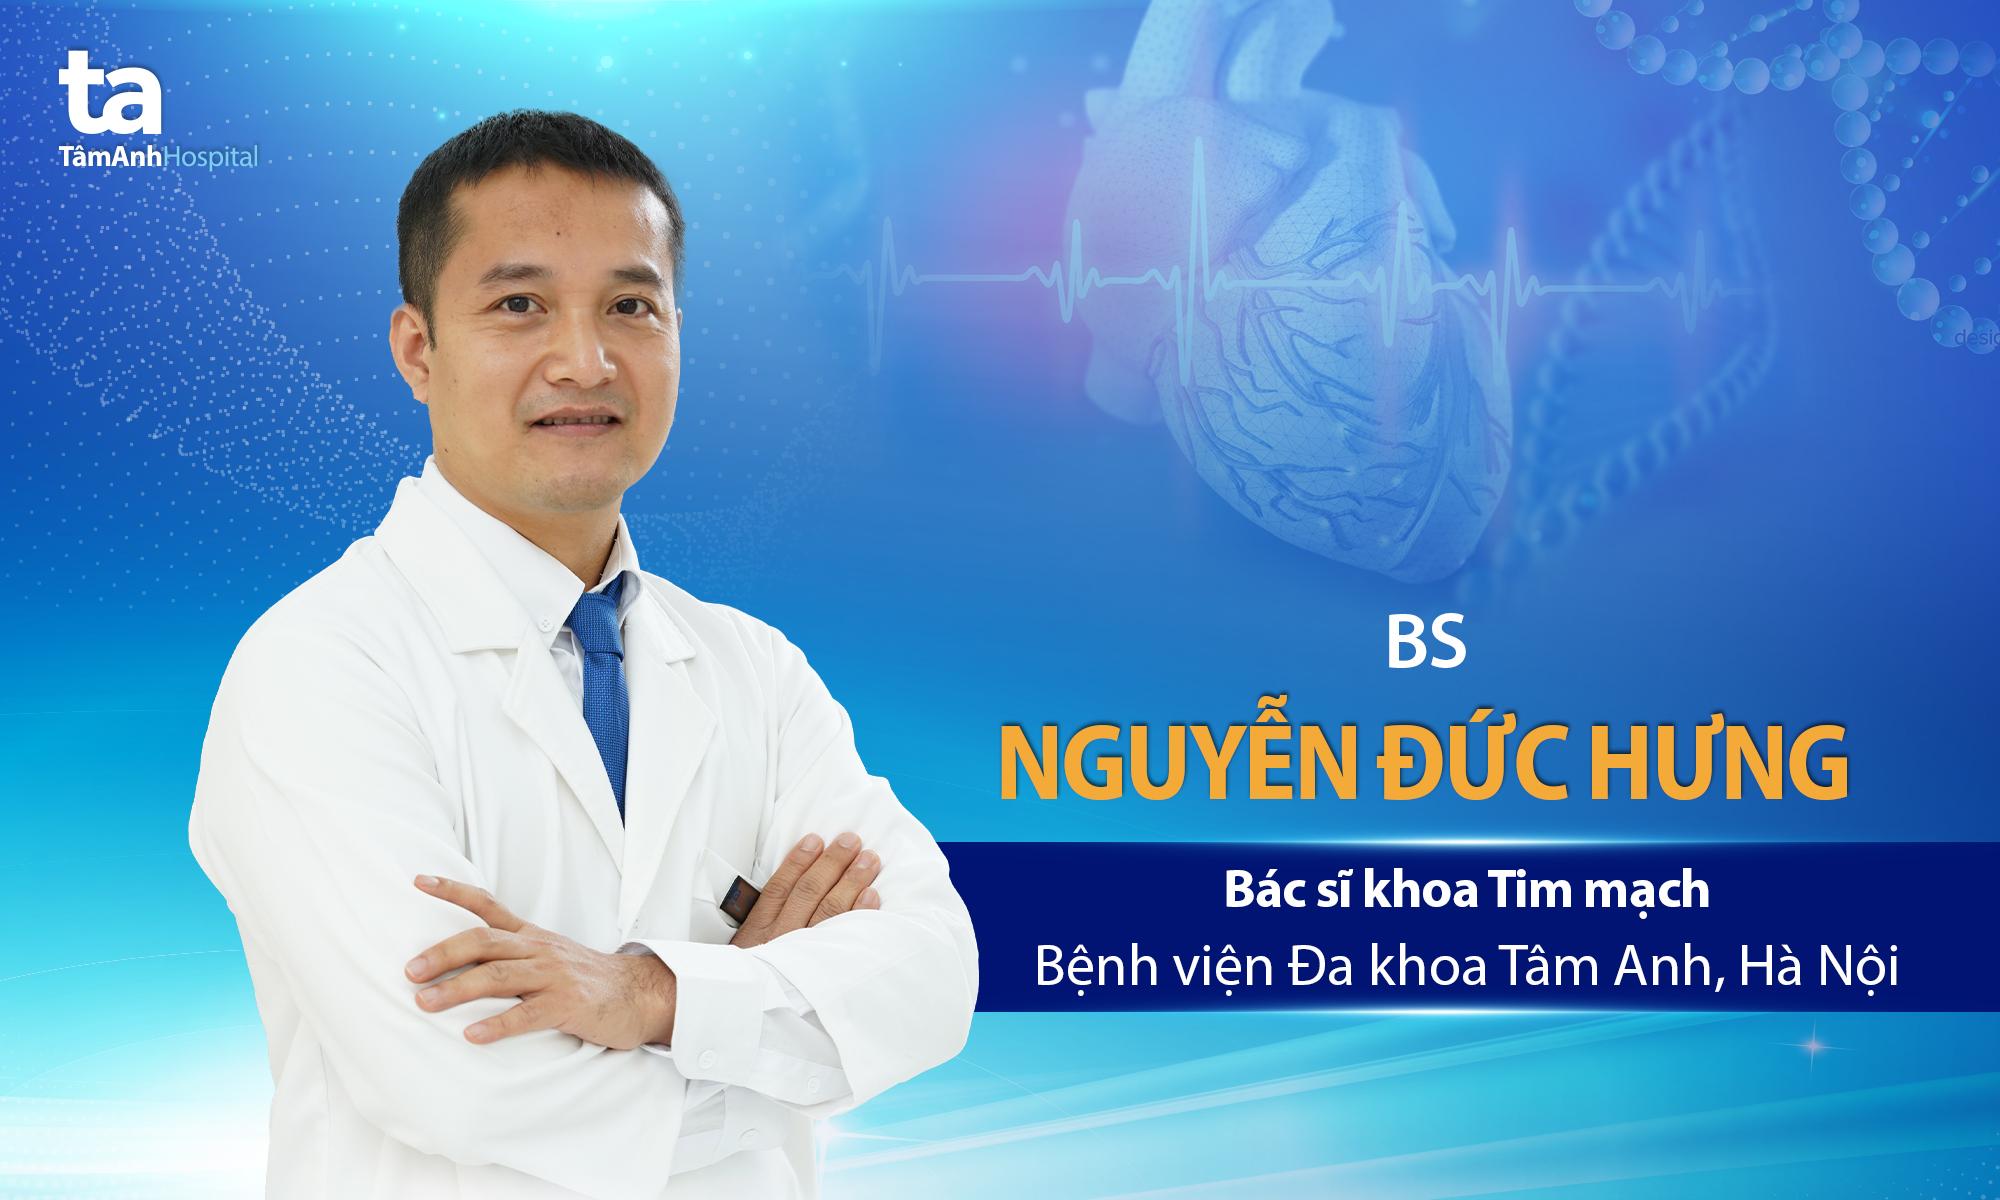 BS Nguyễn Đức Hưng